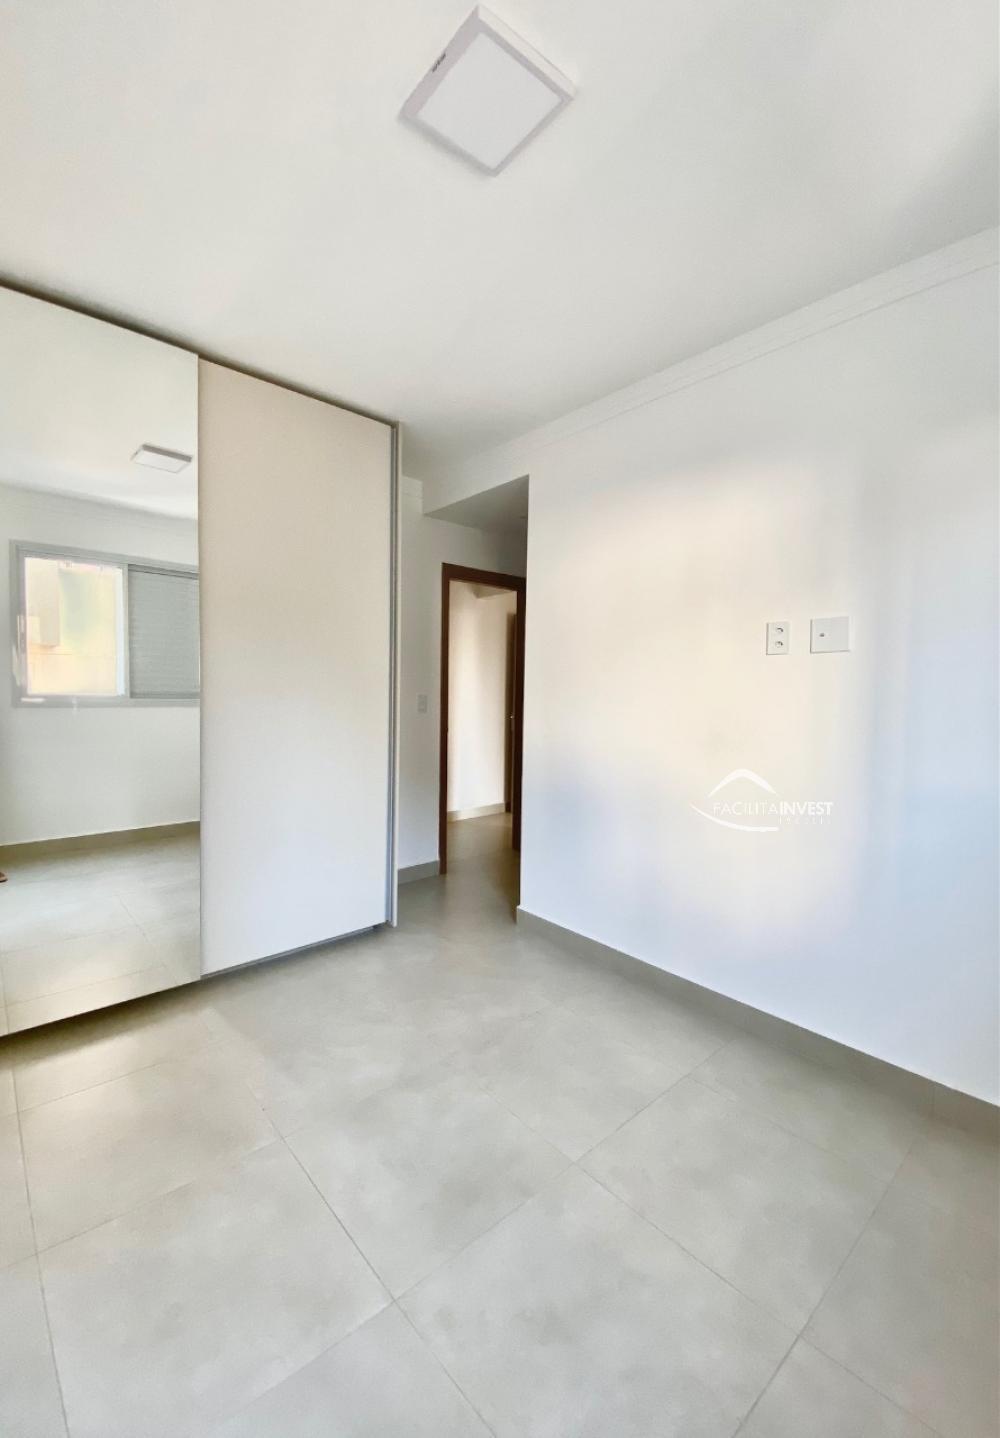 Alugar Apartamentos / Apart. Padrão em Ribeirão Preto R$ 2.750,00 - Foto 23